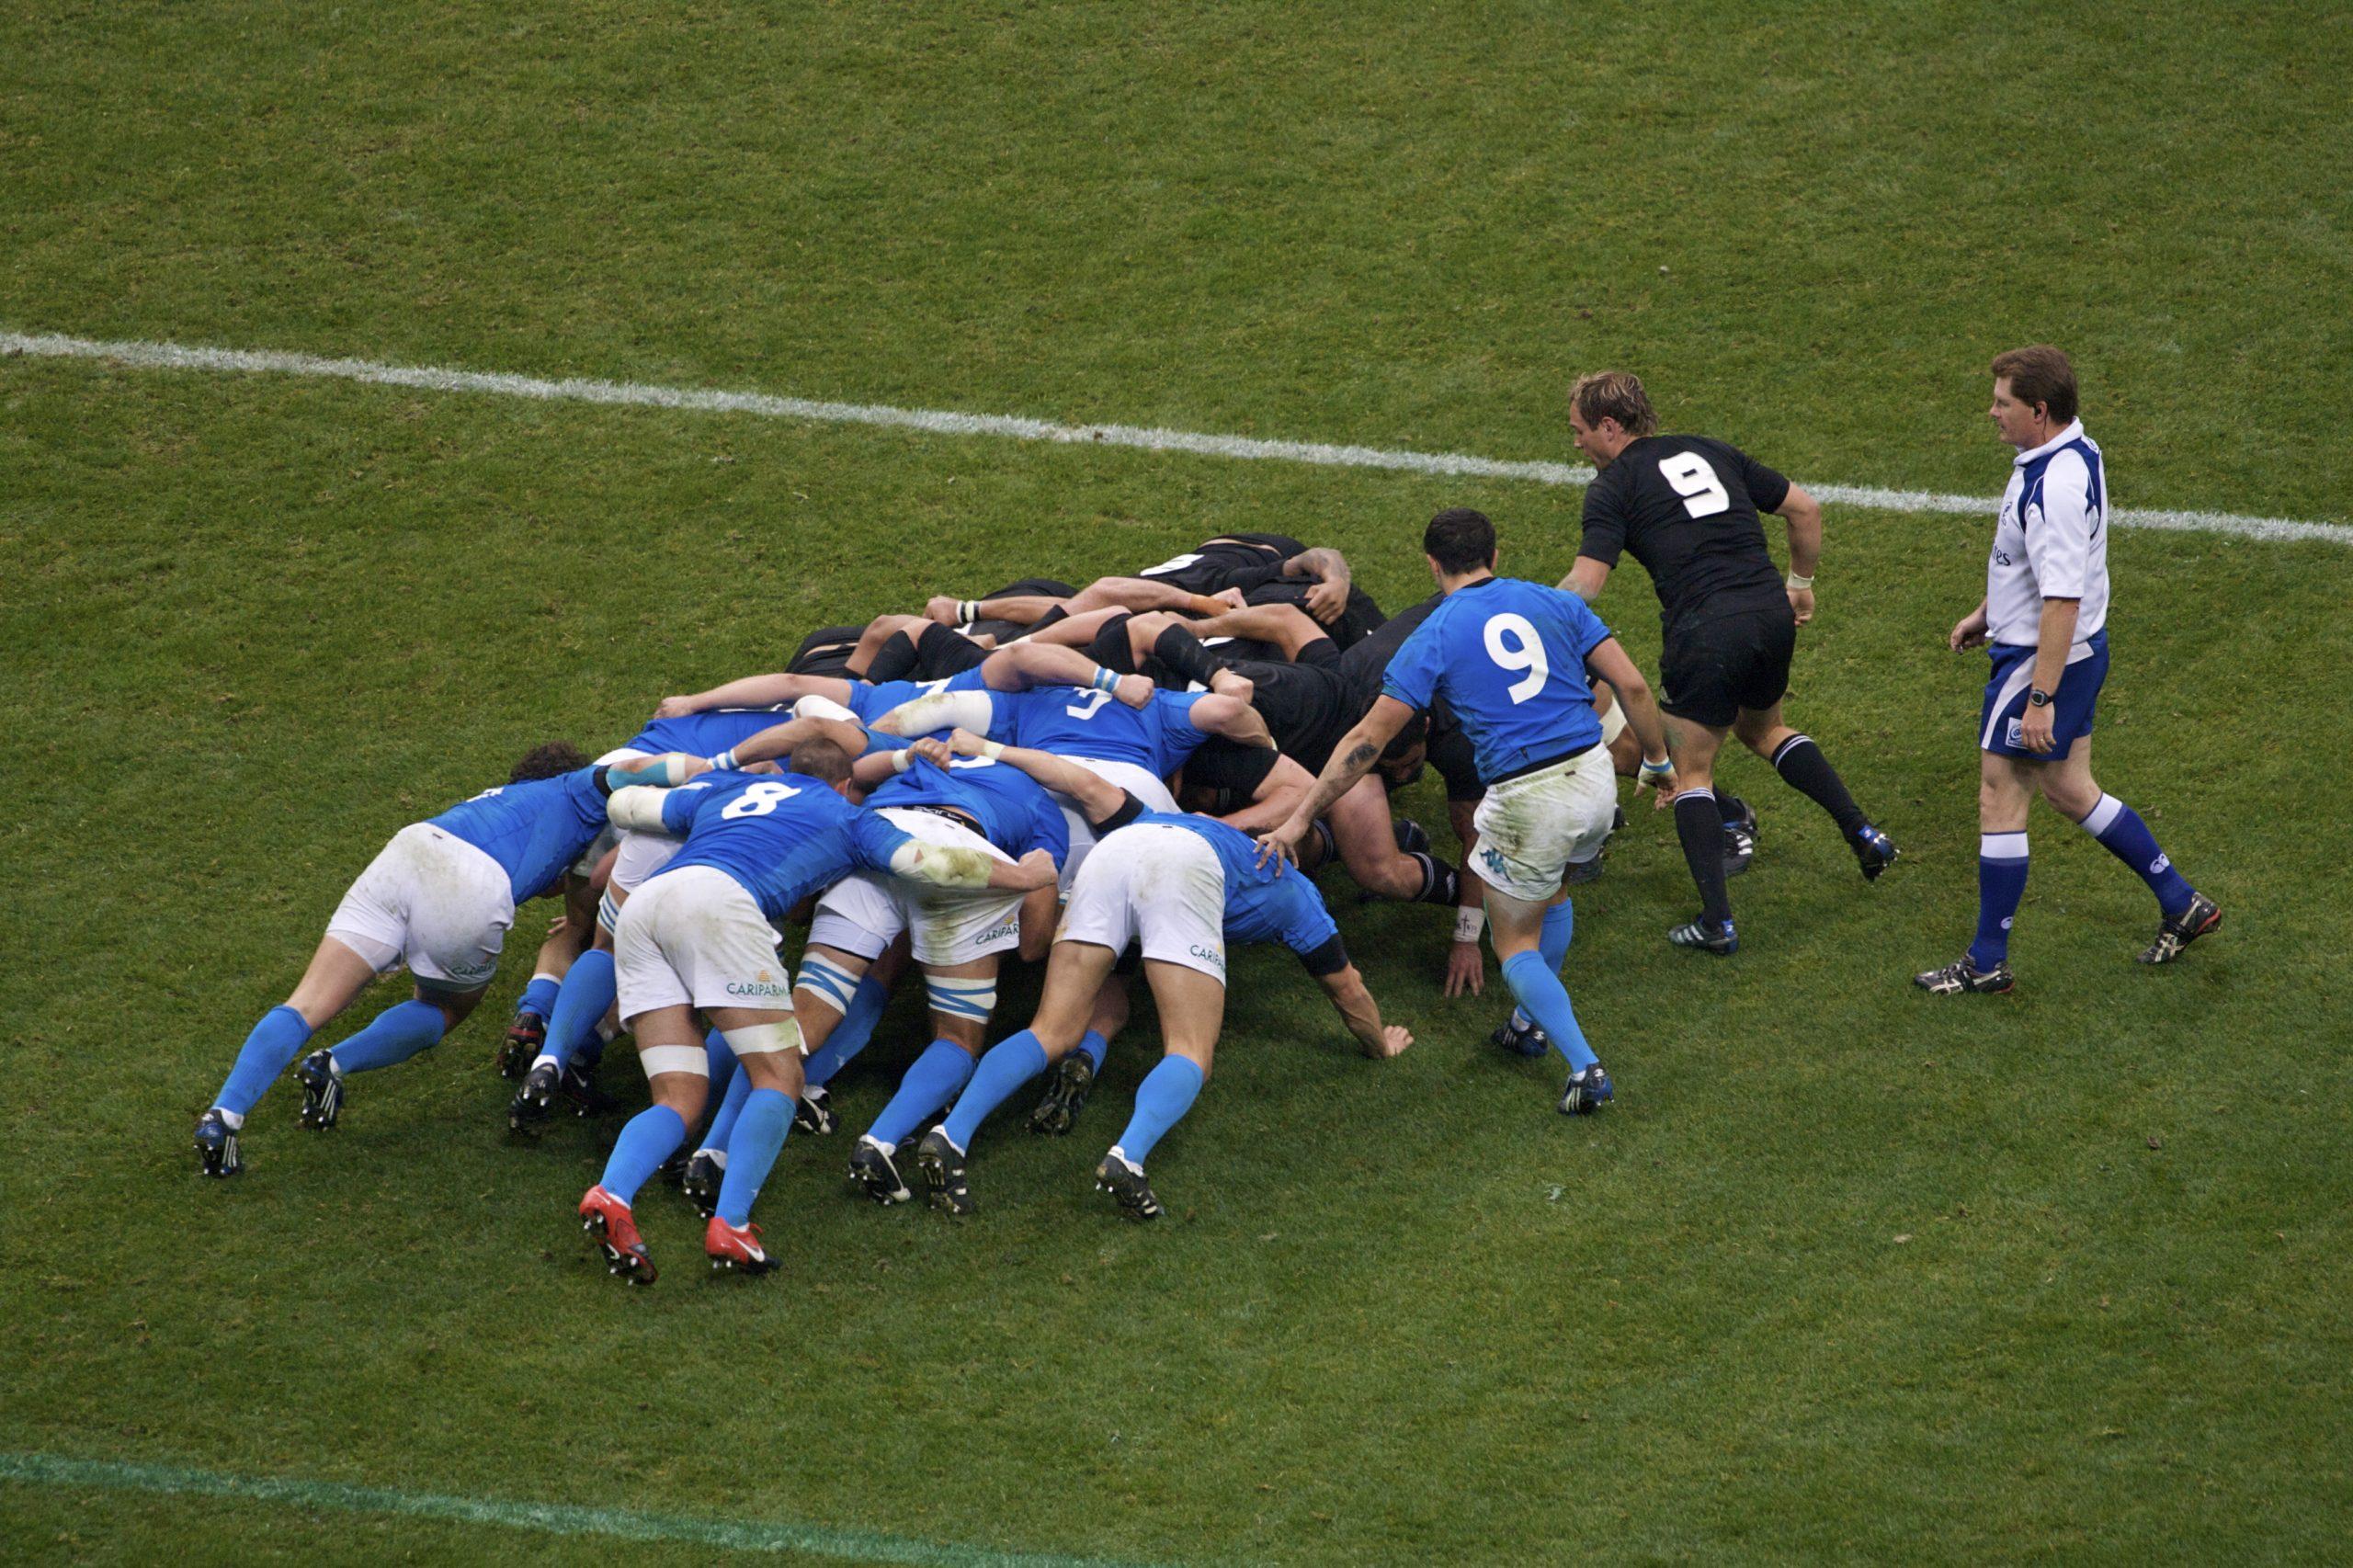 Les meilleures équipes en rugby